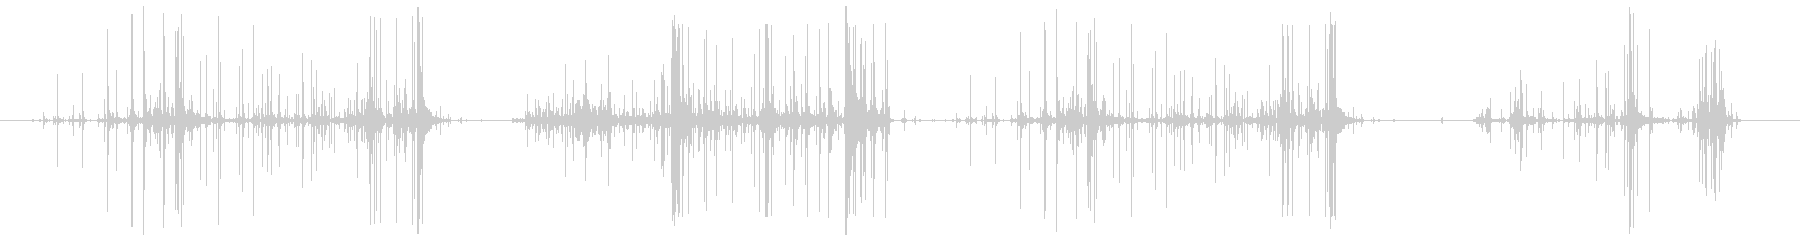 タマネギの皮をむく (長め ペリペリ…)の未再生の波形